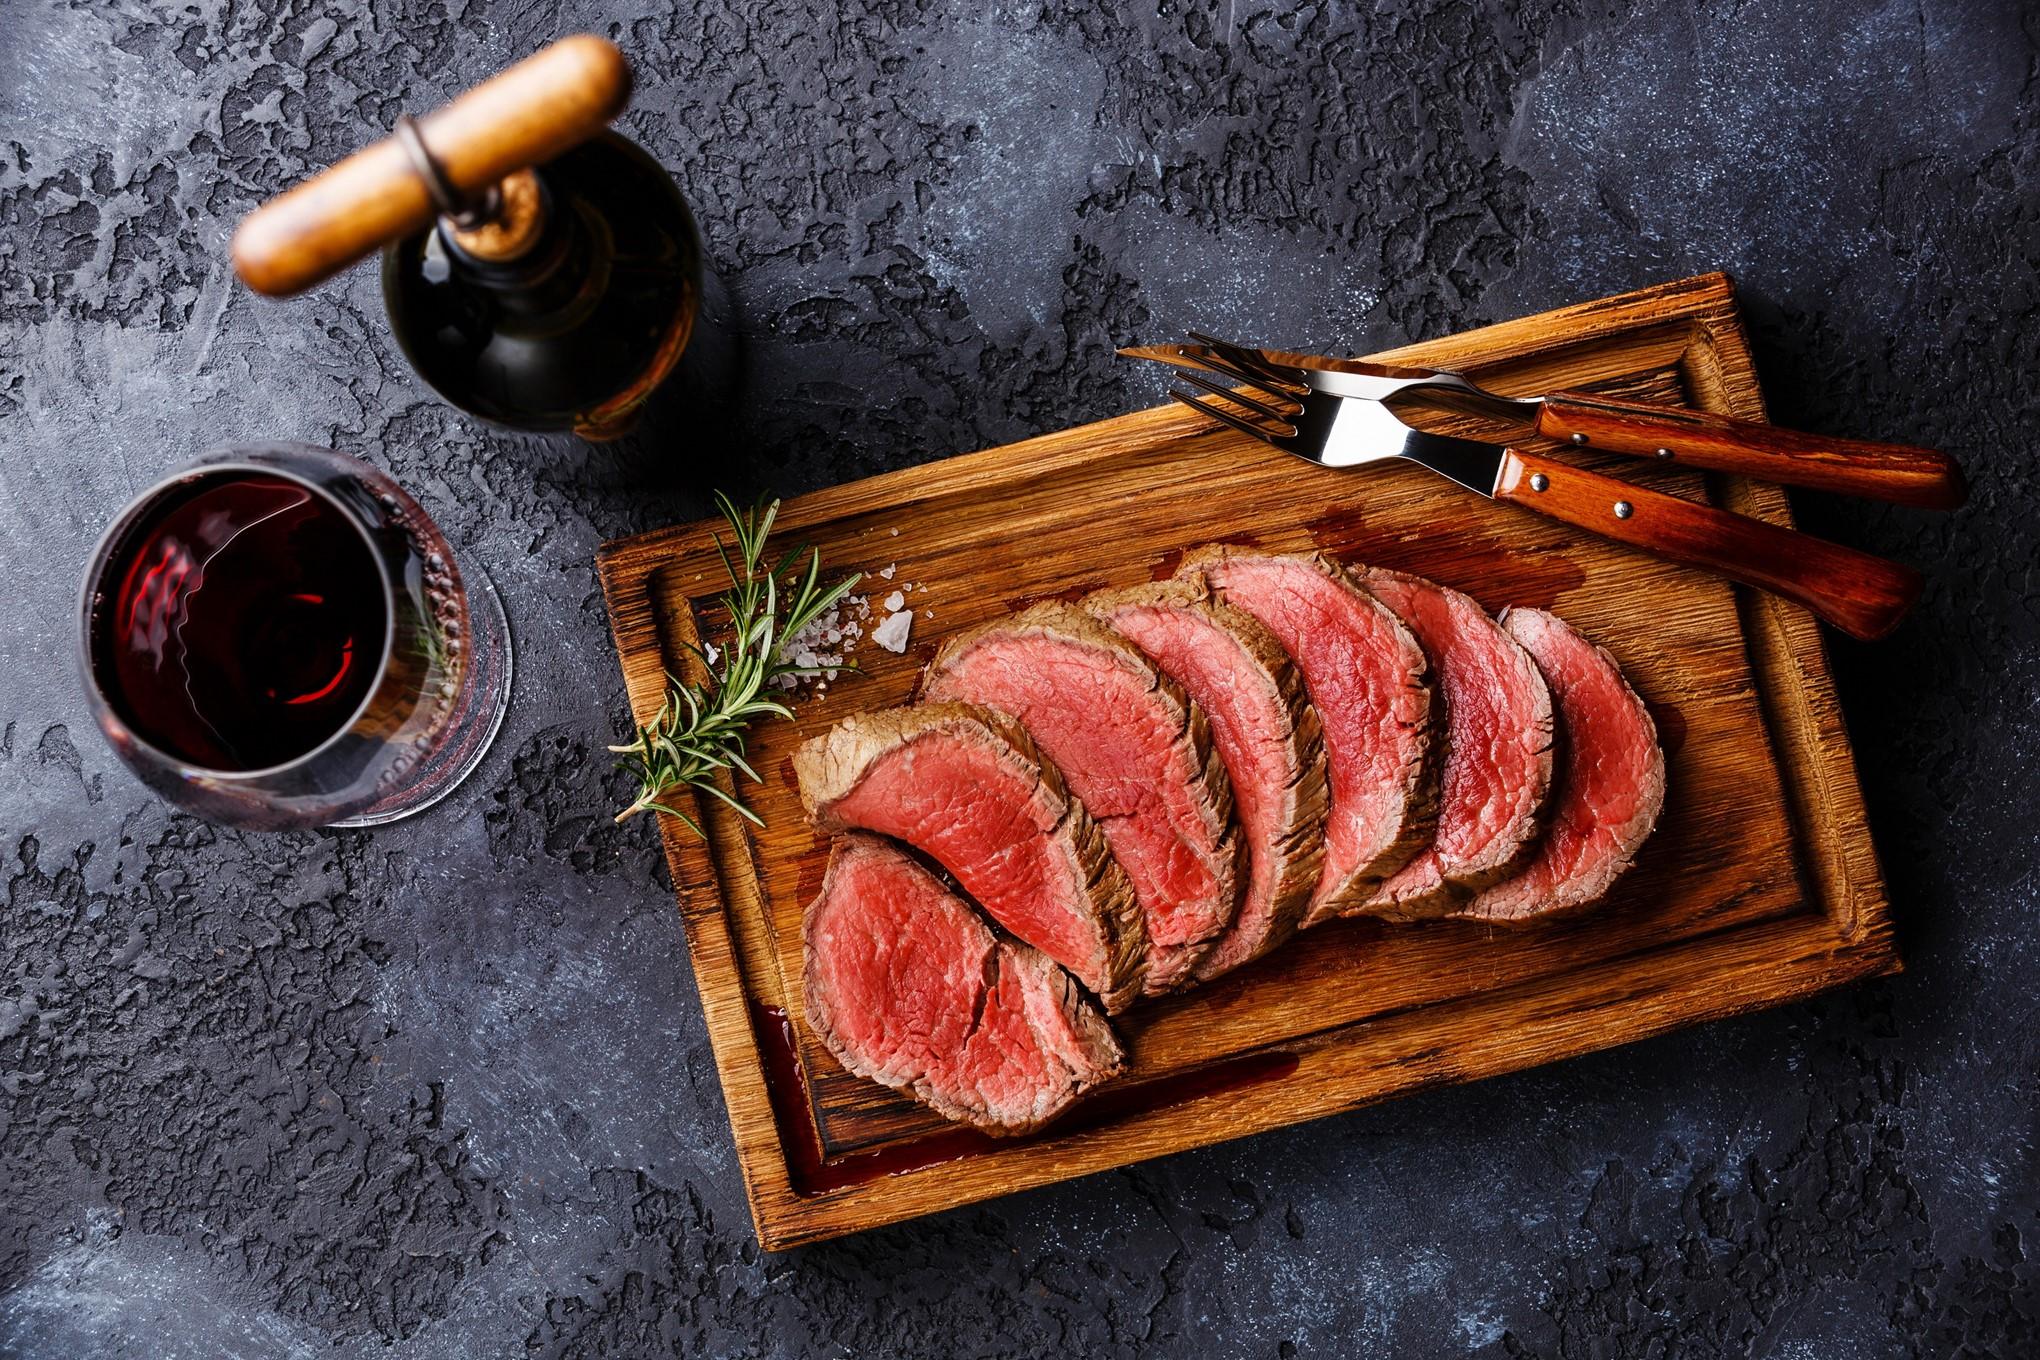 Steak & Date